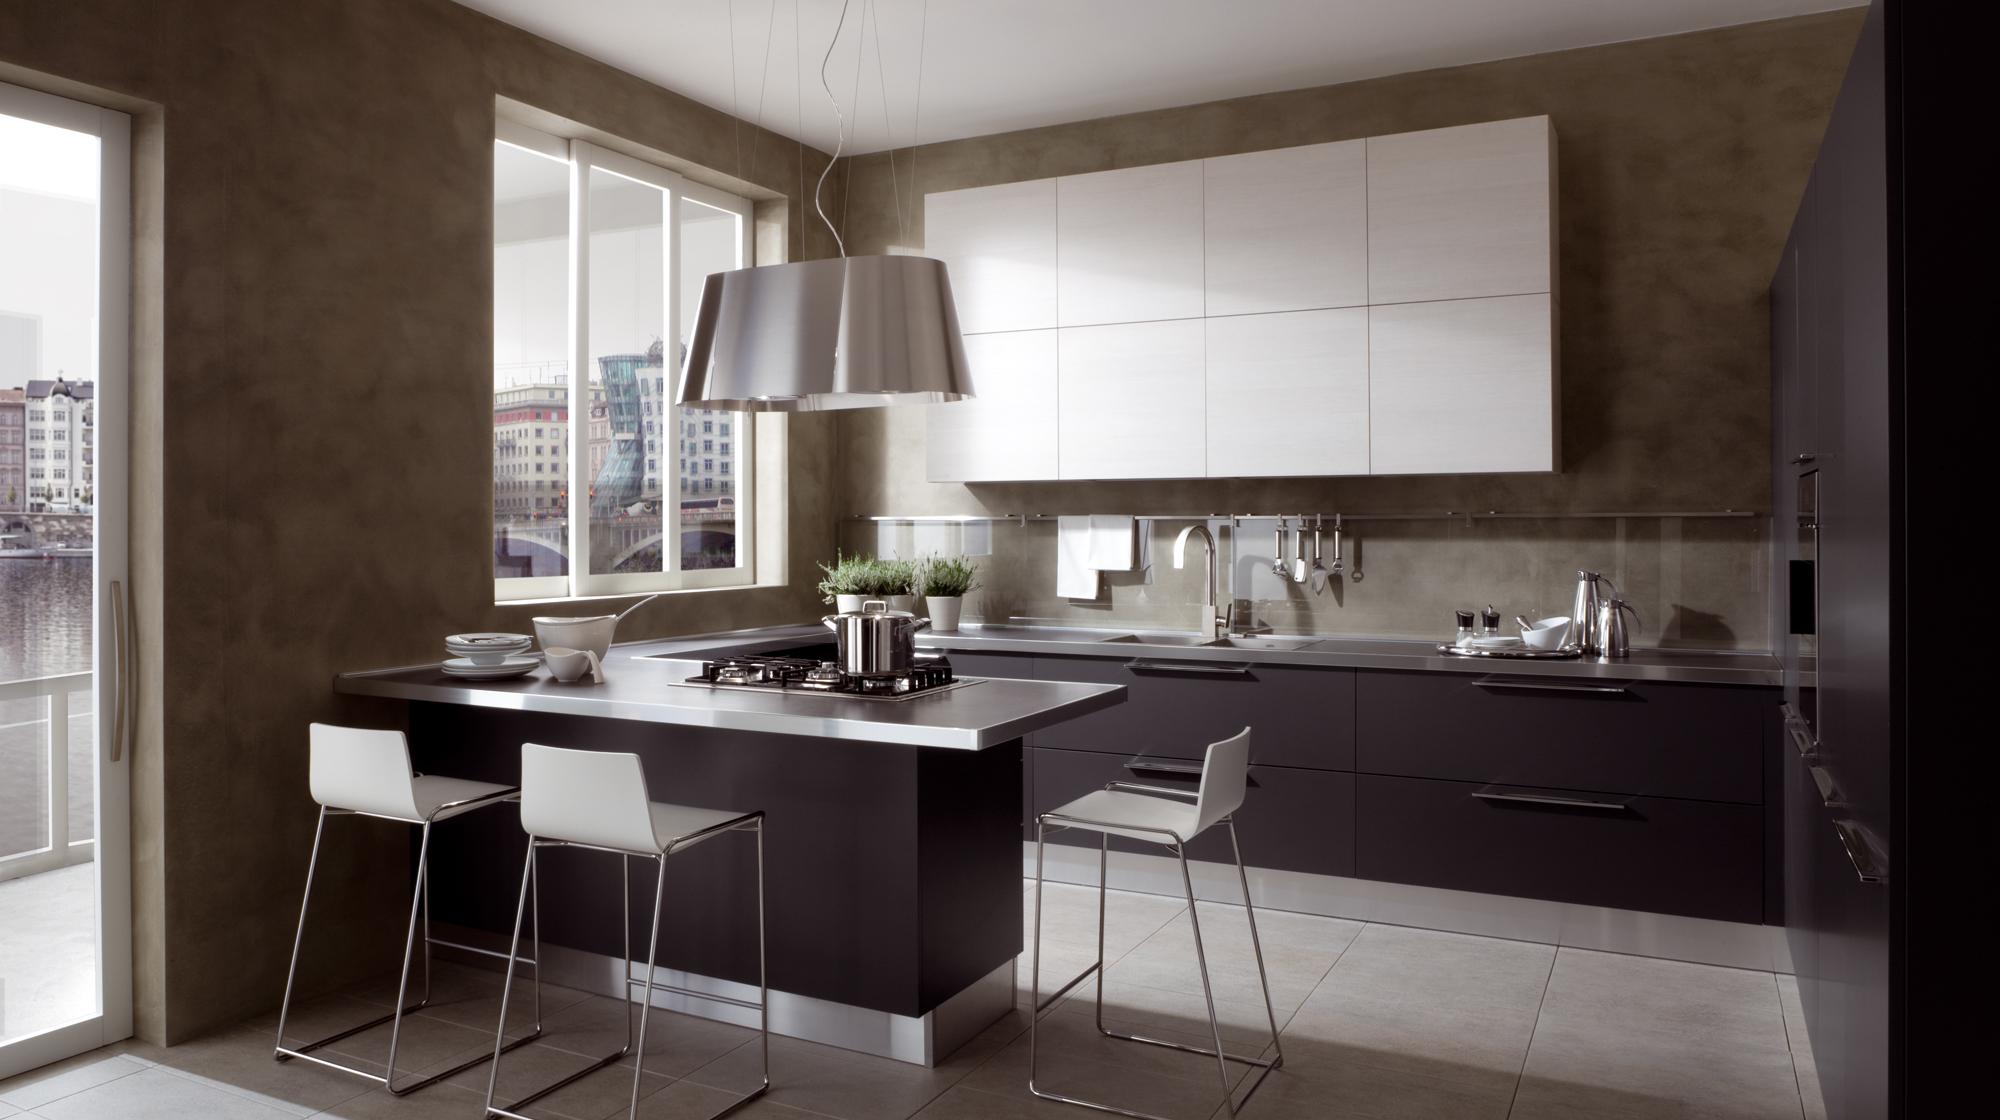 Современная стильная кухня модерн